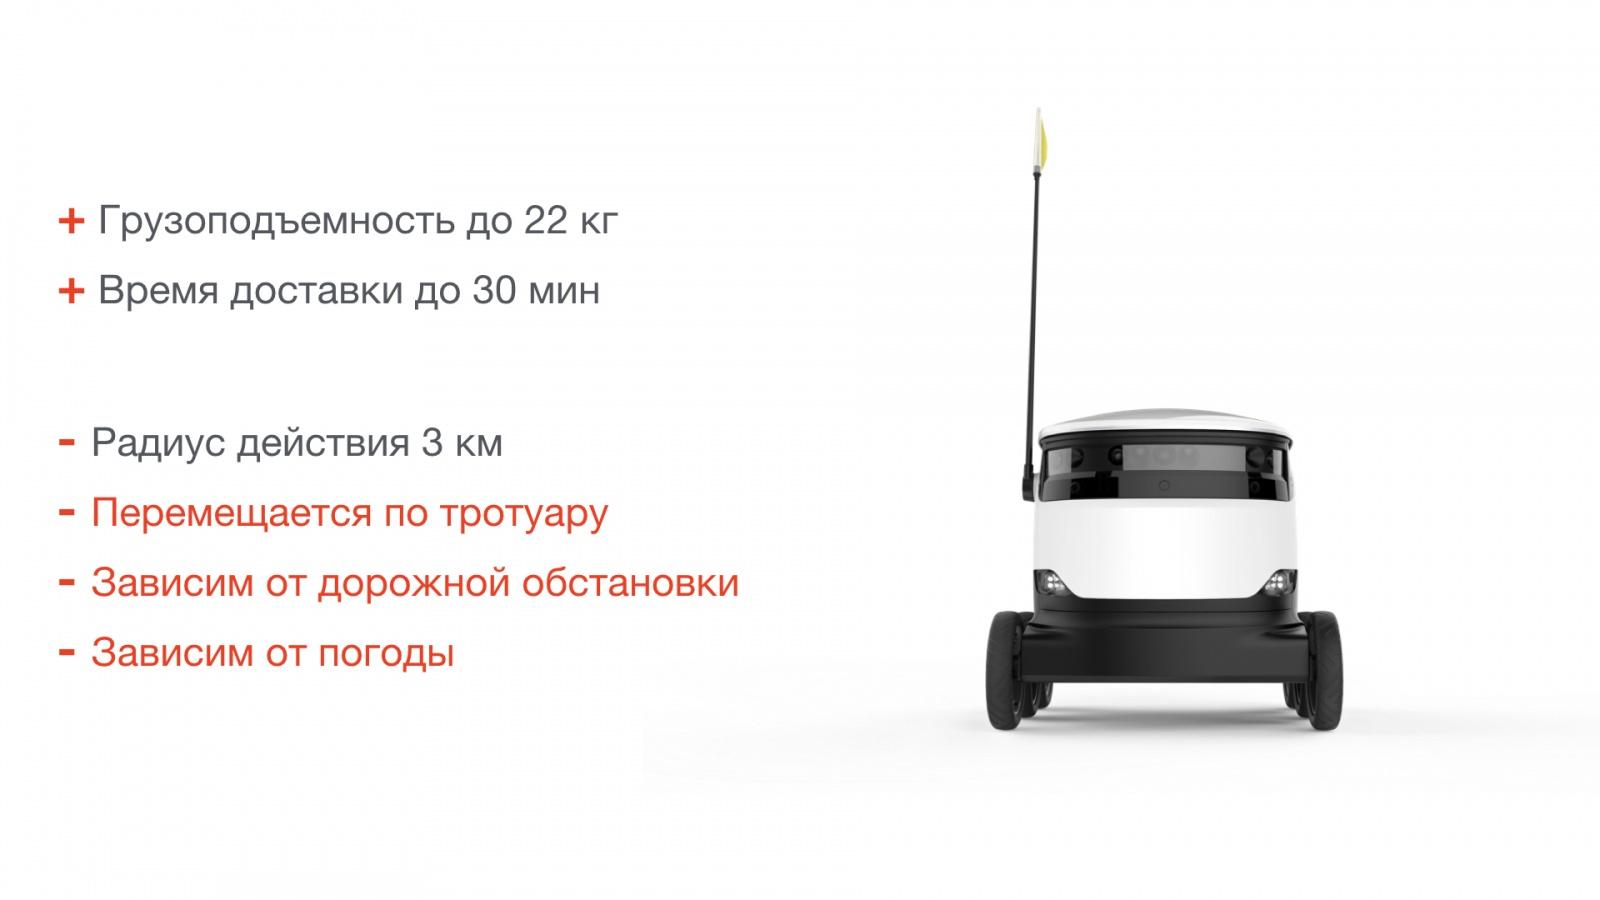 Робот-курьер — доставка за 30 минут, или как в России построить будущее - 4